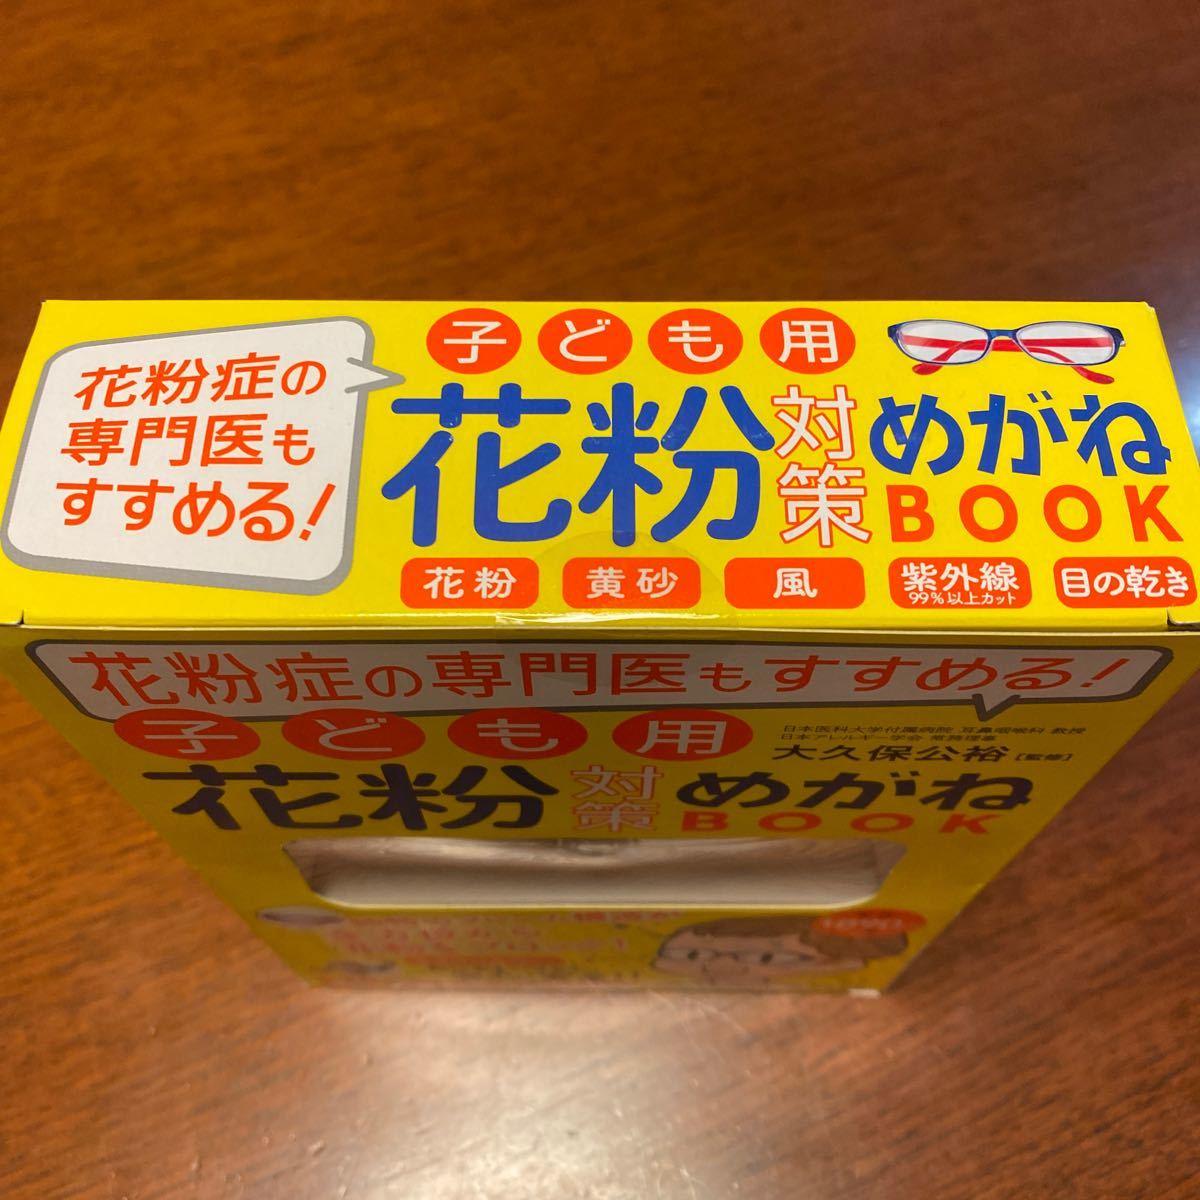 花粉症専門医もすすめる子ども用花粉対策めがねBOOK新品未開封外箱に傷有り_画像8